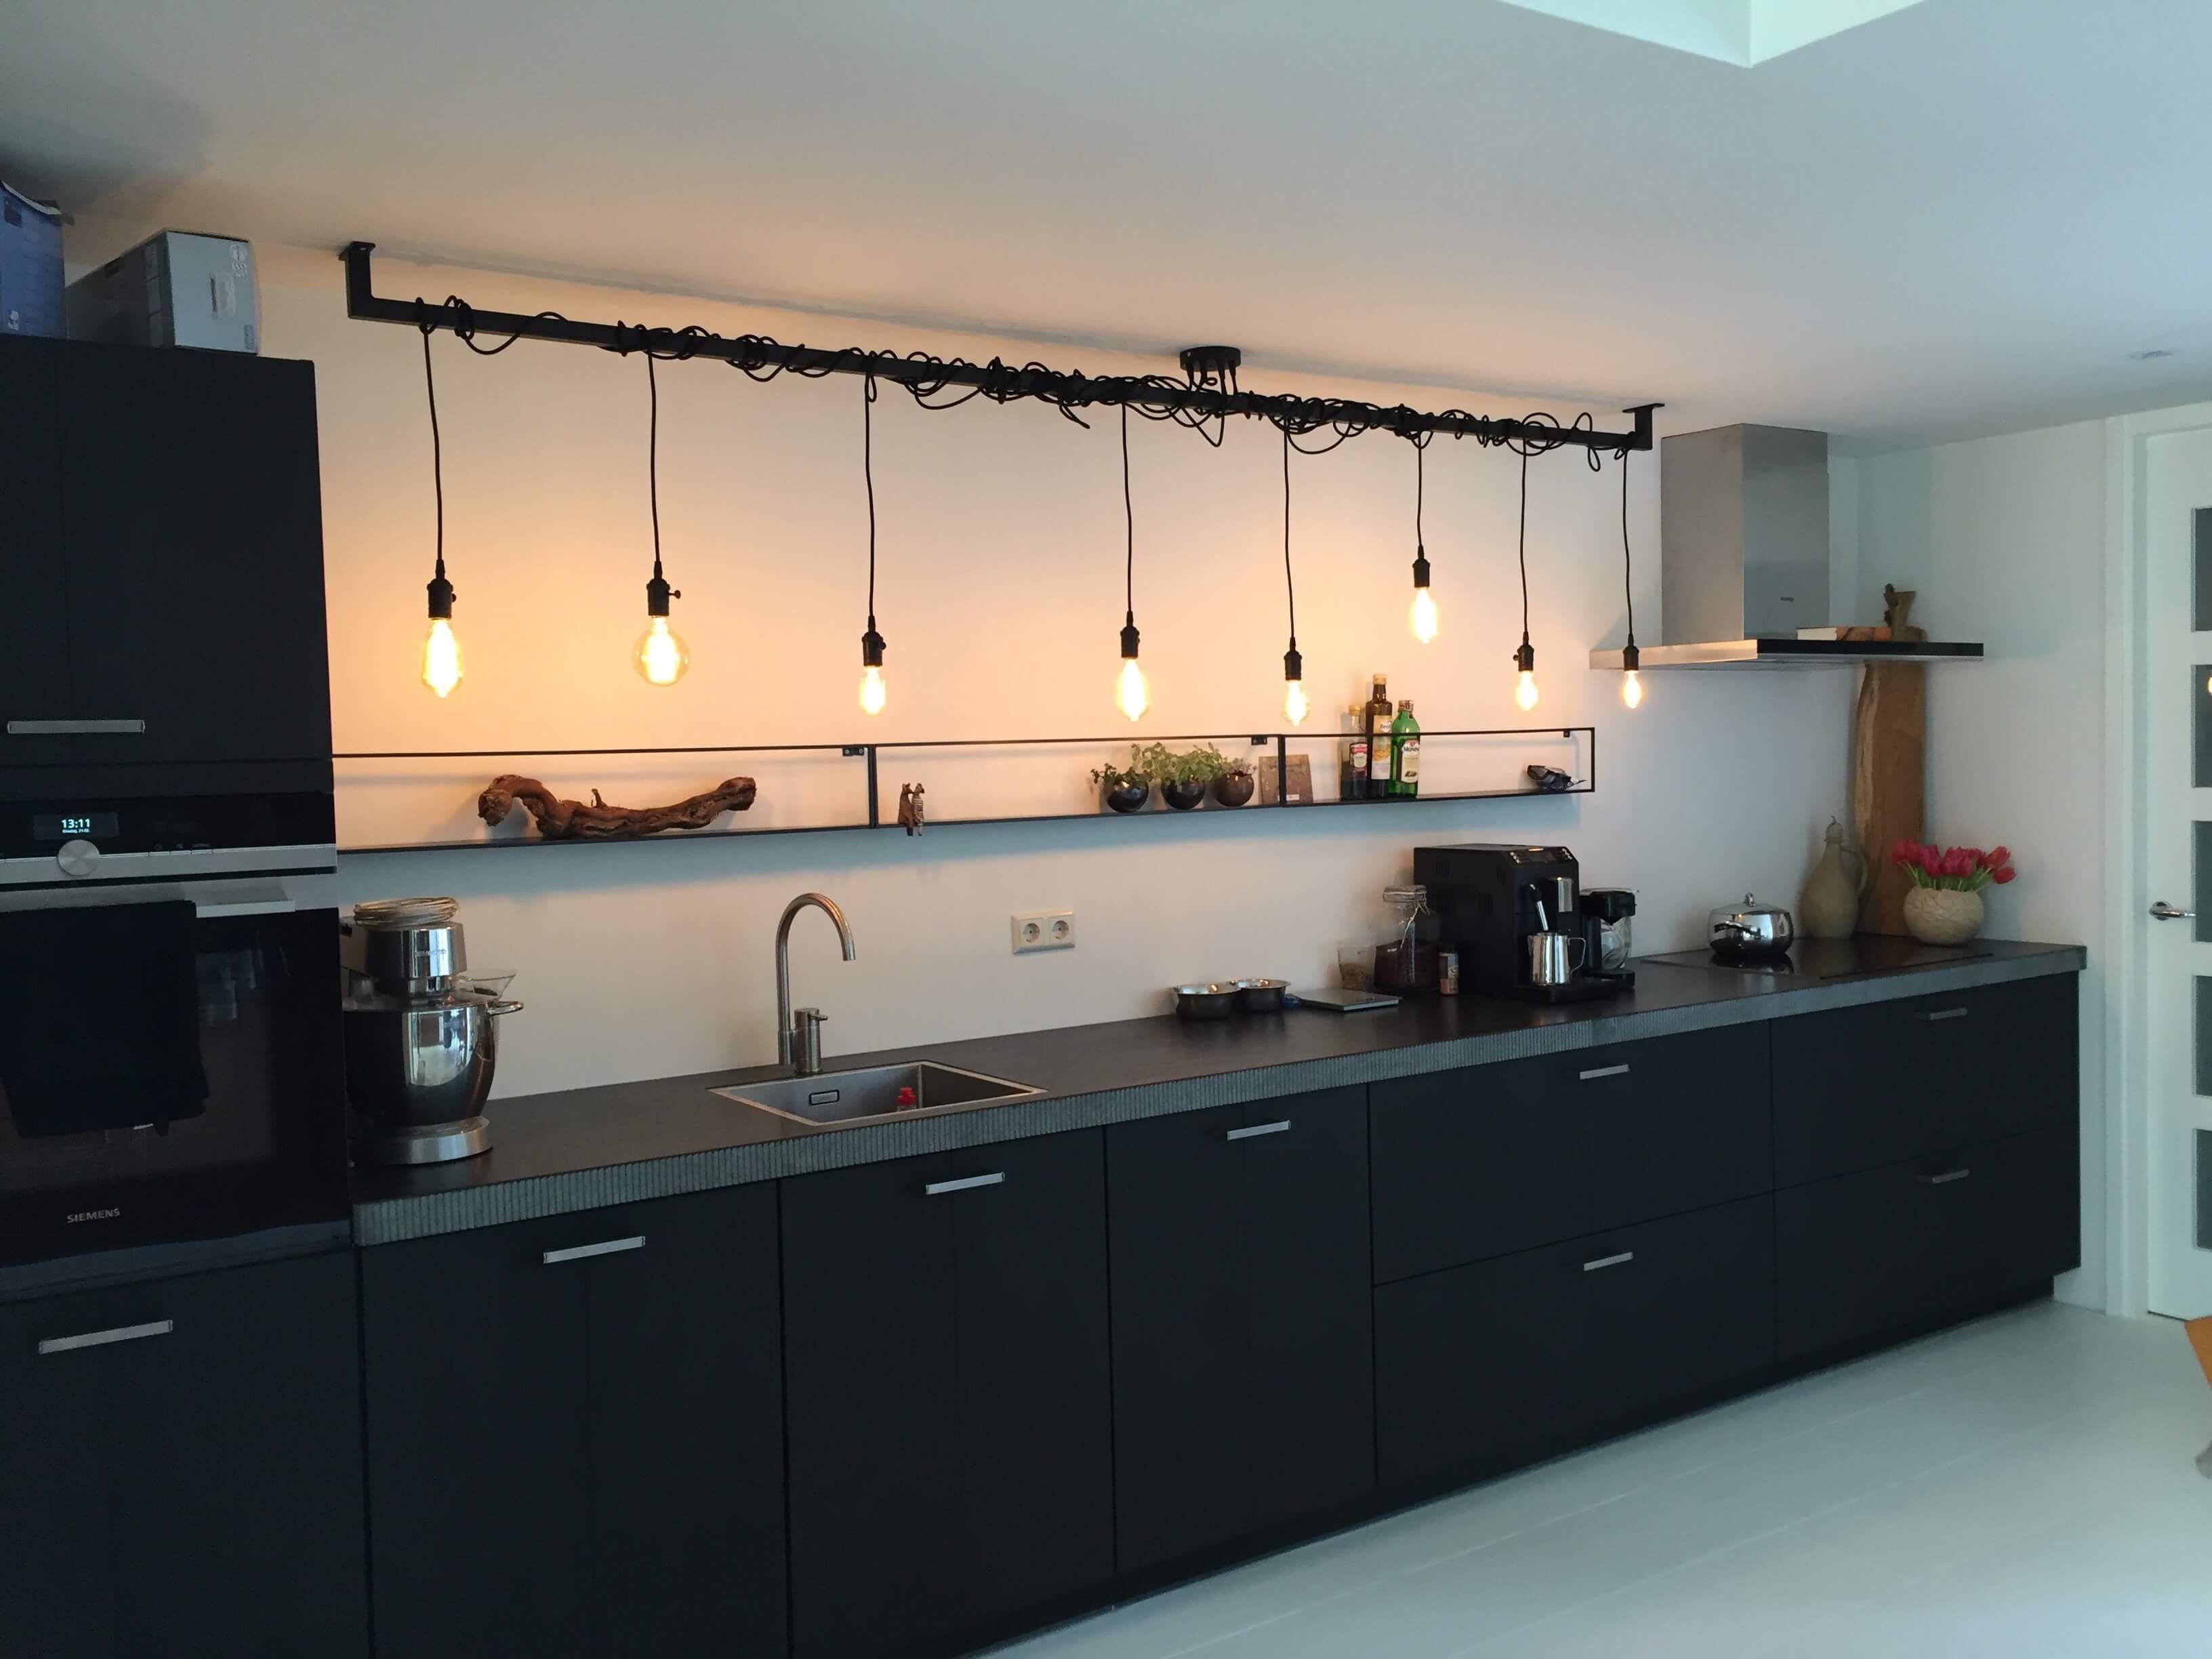 Verwonderend Hanglamp Keuken Industrieel New Industriële Keuken Of Eettafel LE-09